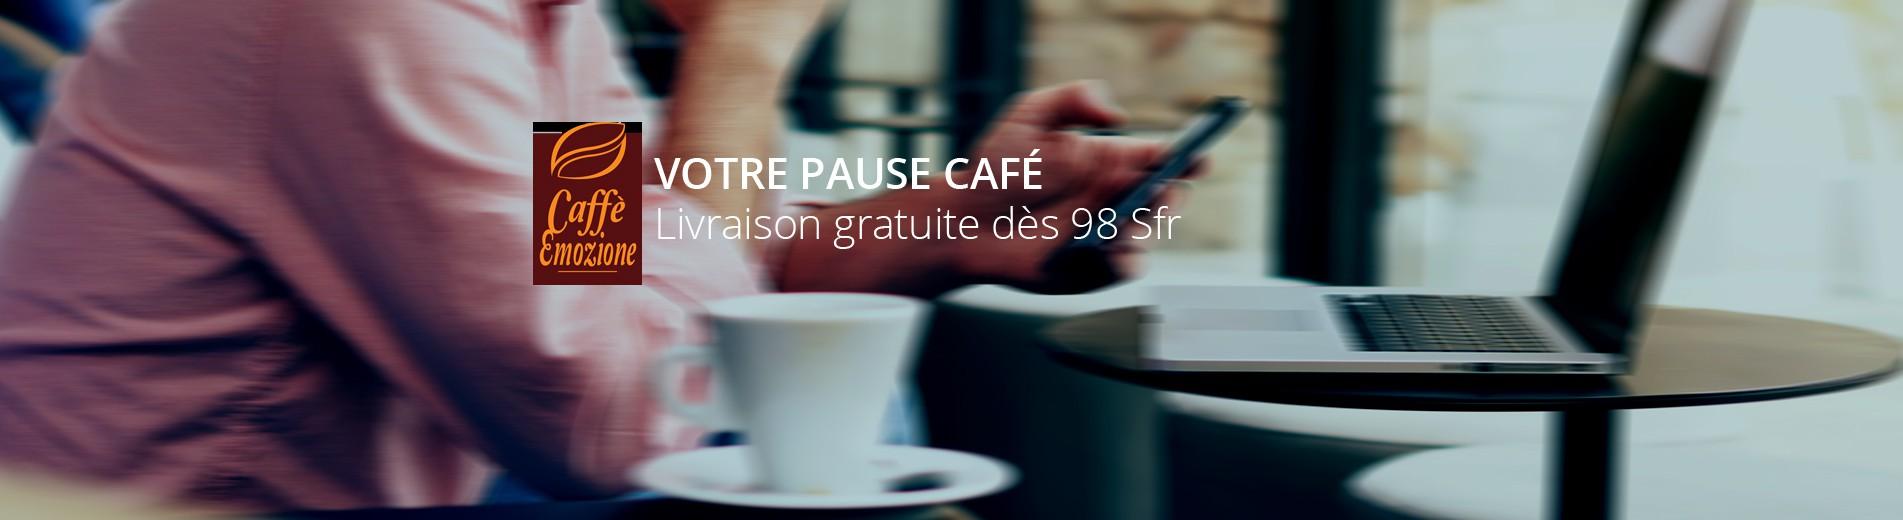 Votre pause café